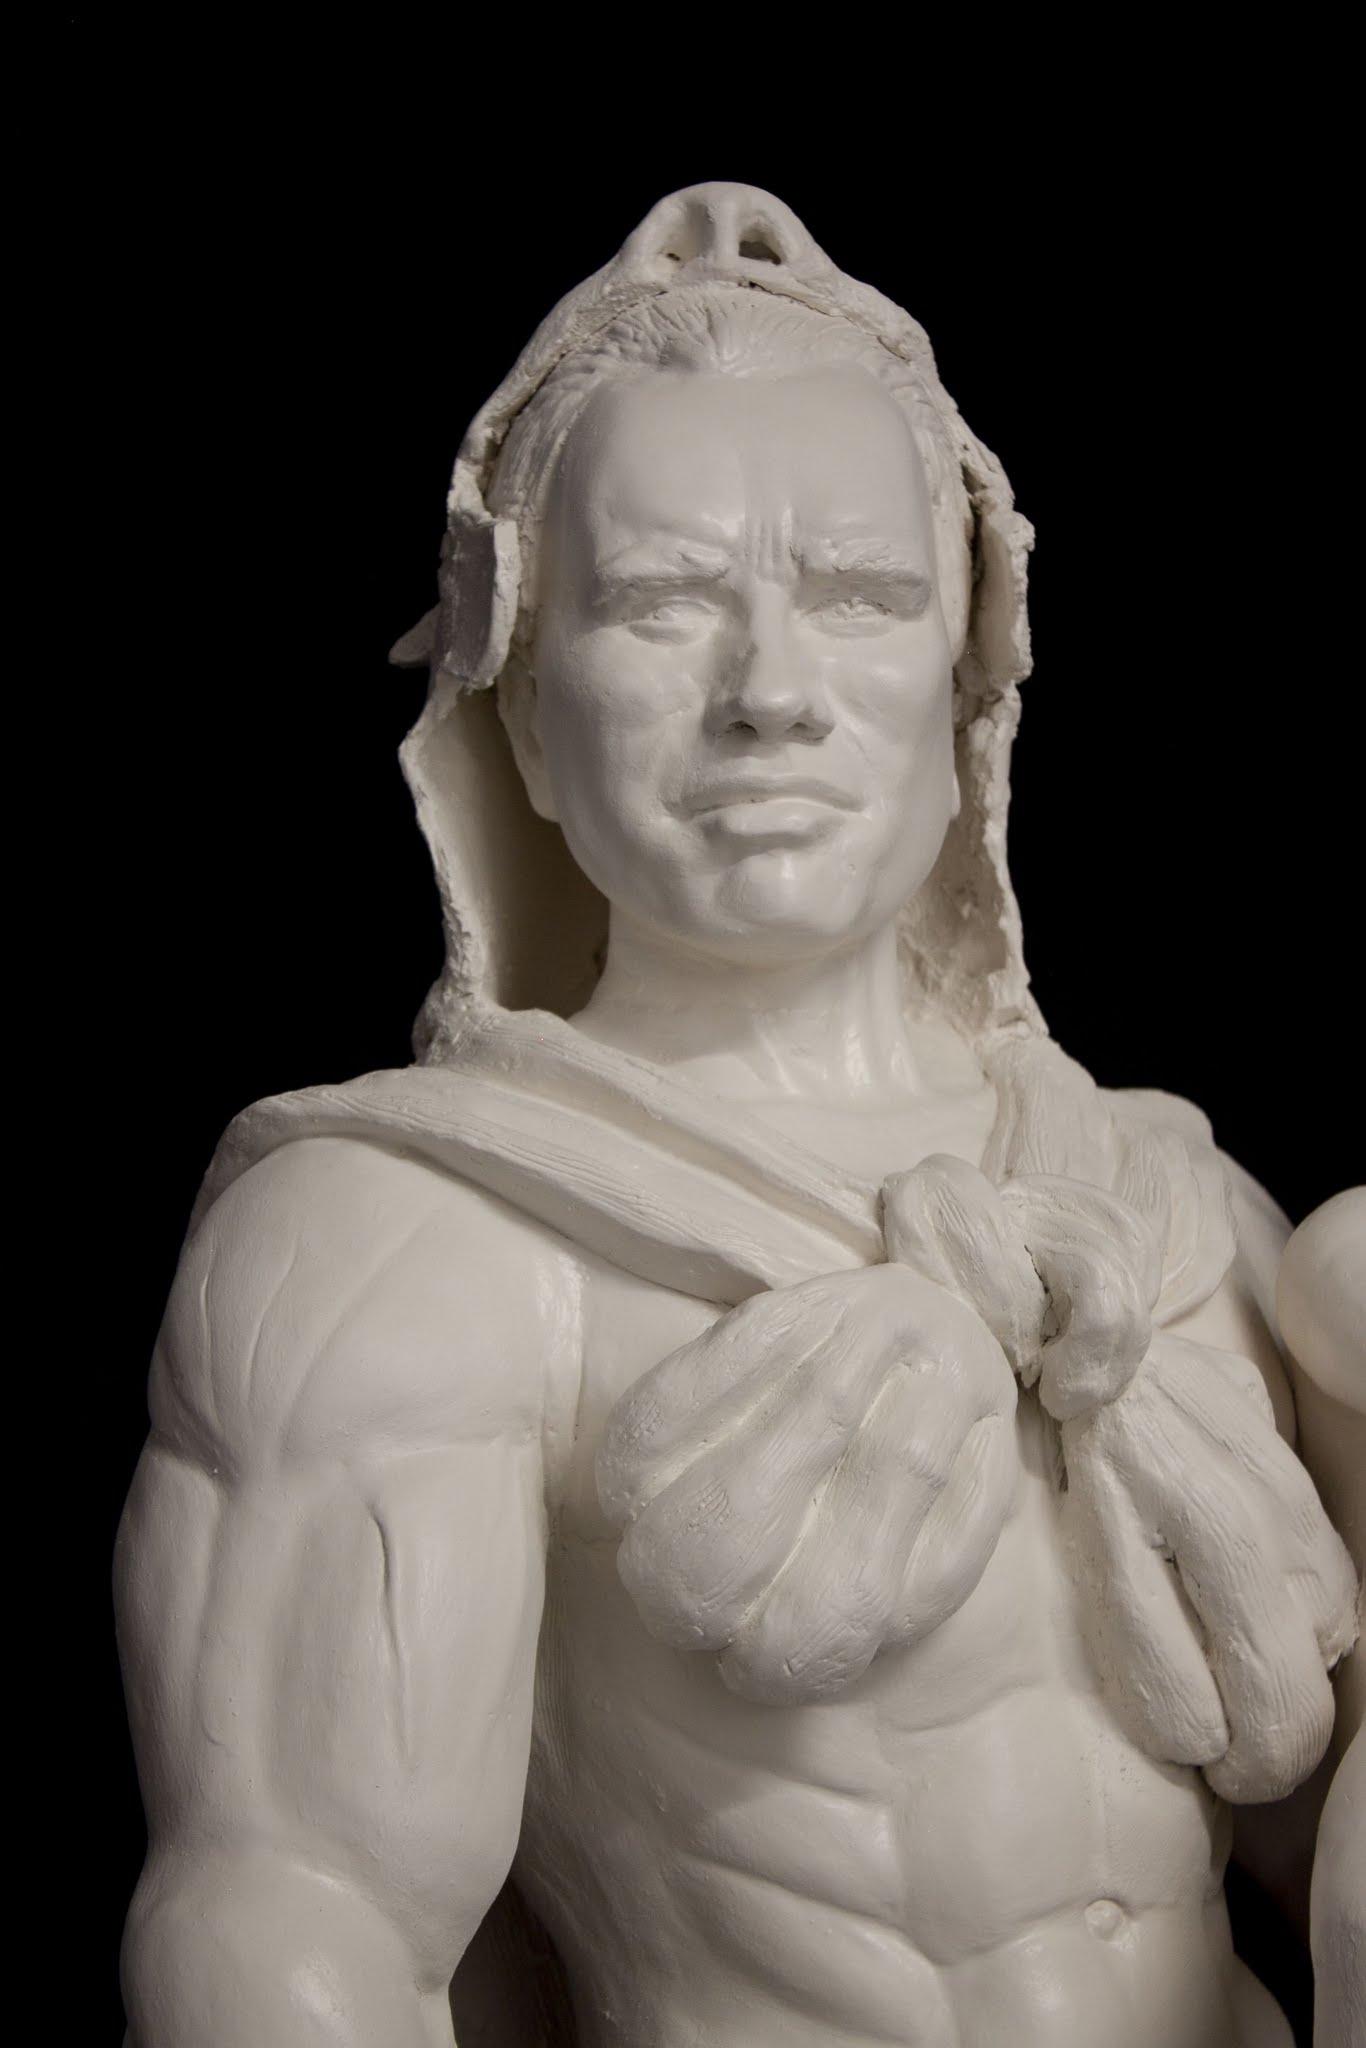 Sarah Hahn Sculpture Arnold 2